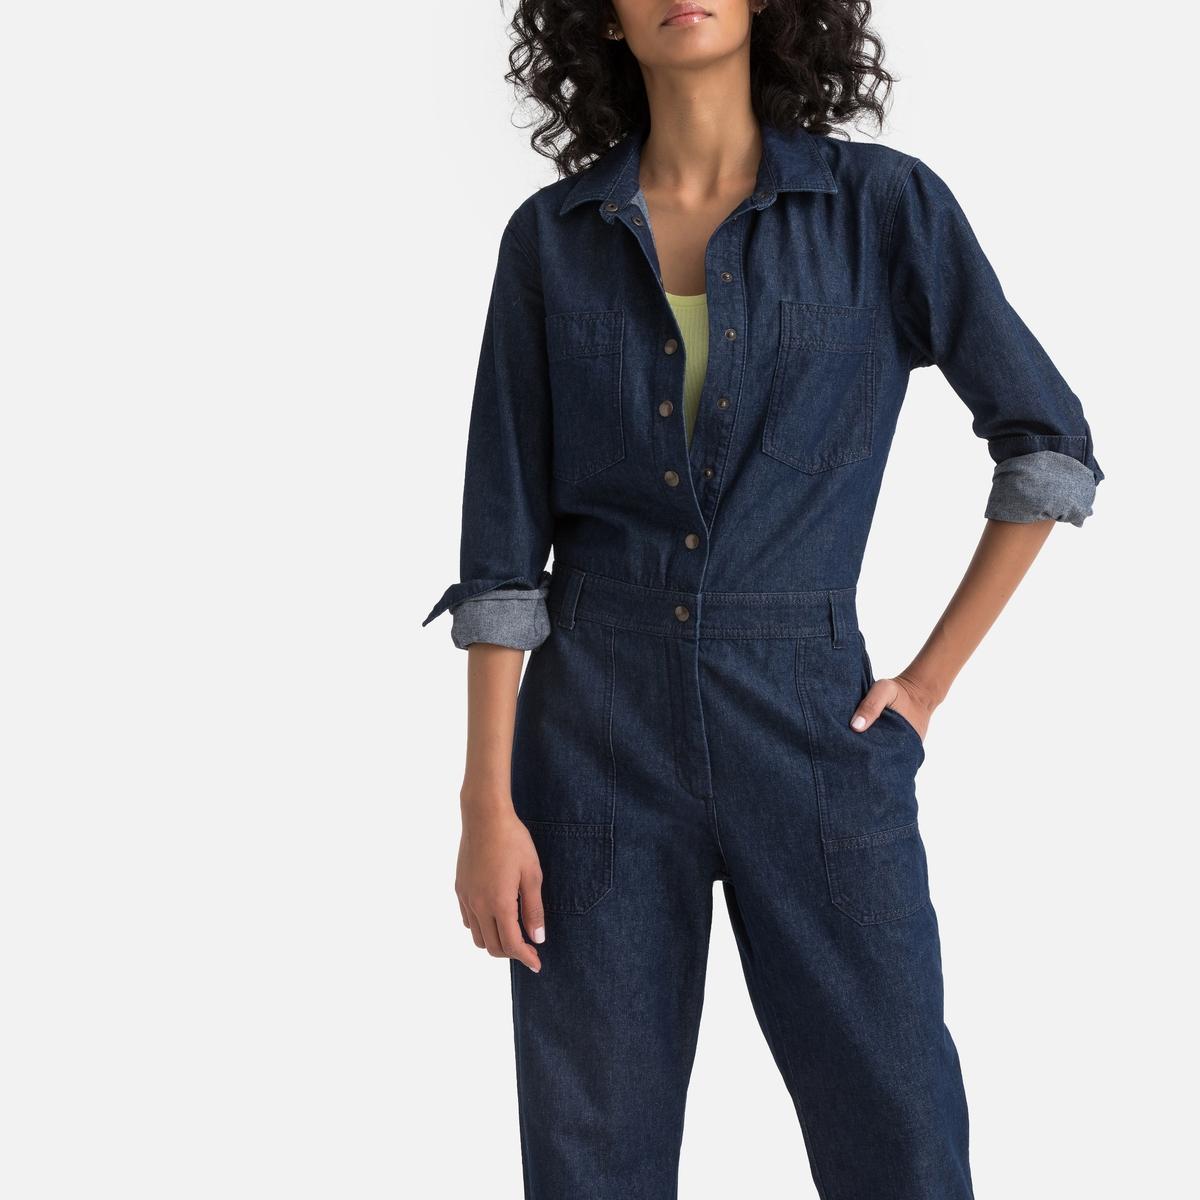 Комбинезон La Redoute С брюками из джинсовой ткани 36 (FR) - 42 (RUS) синий комбинезон с брюками однотонный